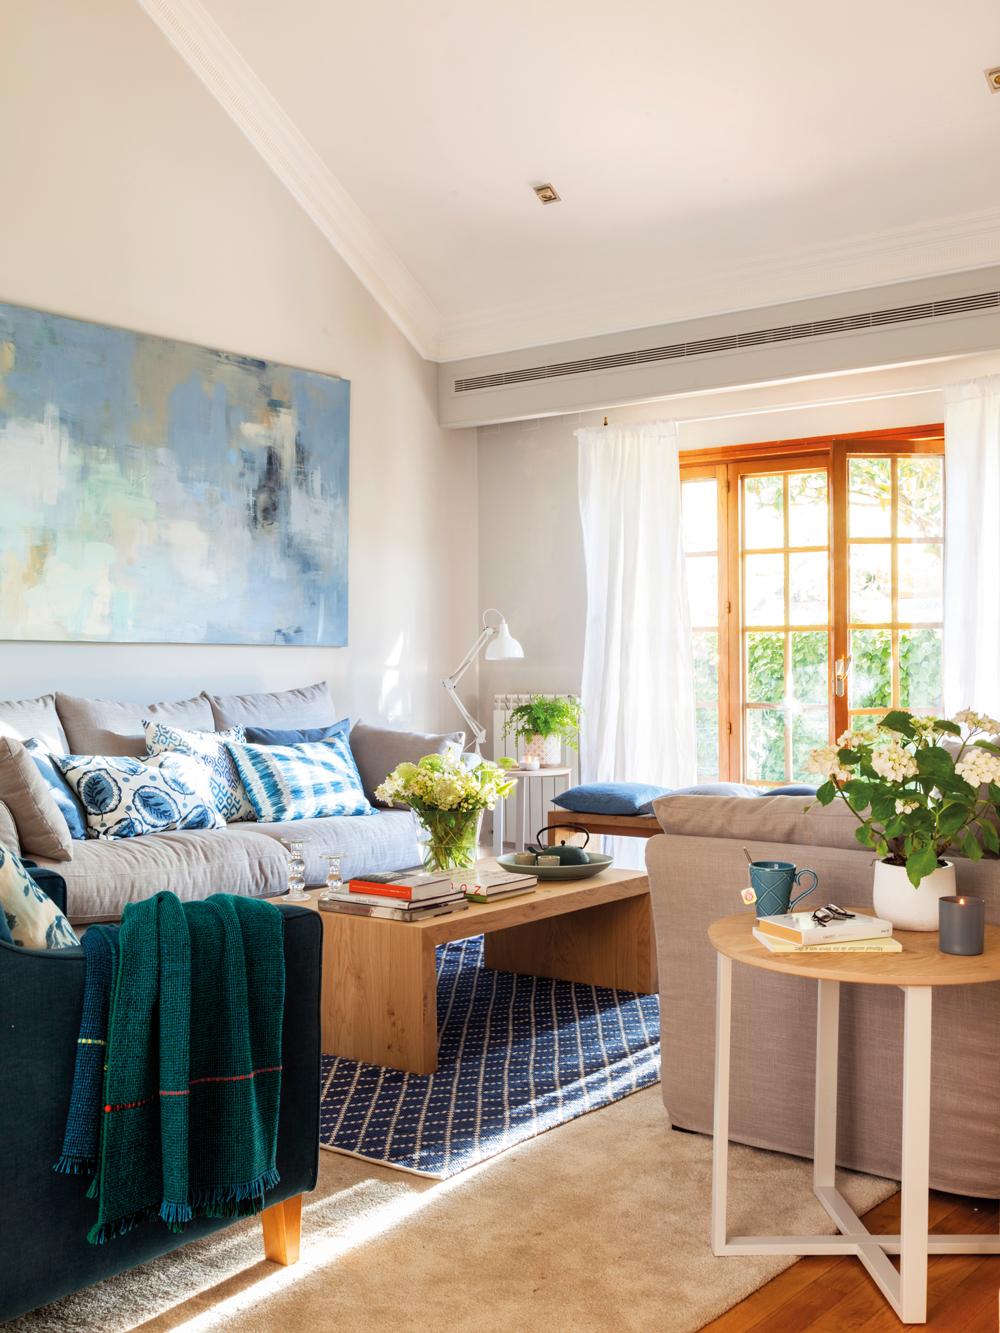 Salones Con Toques En Verde Y Azul # Muebles Turquesa